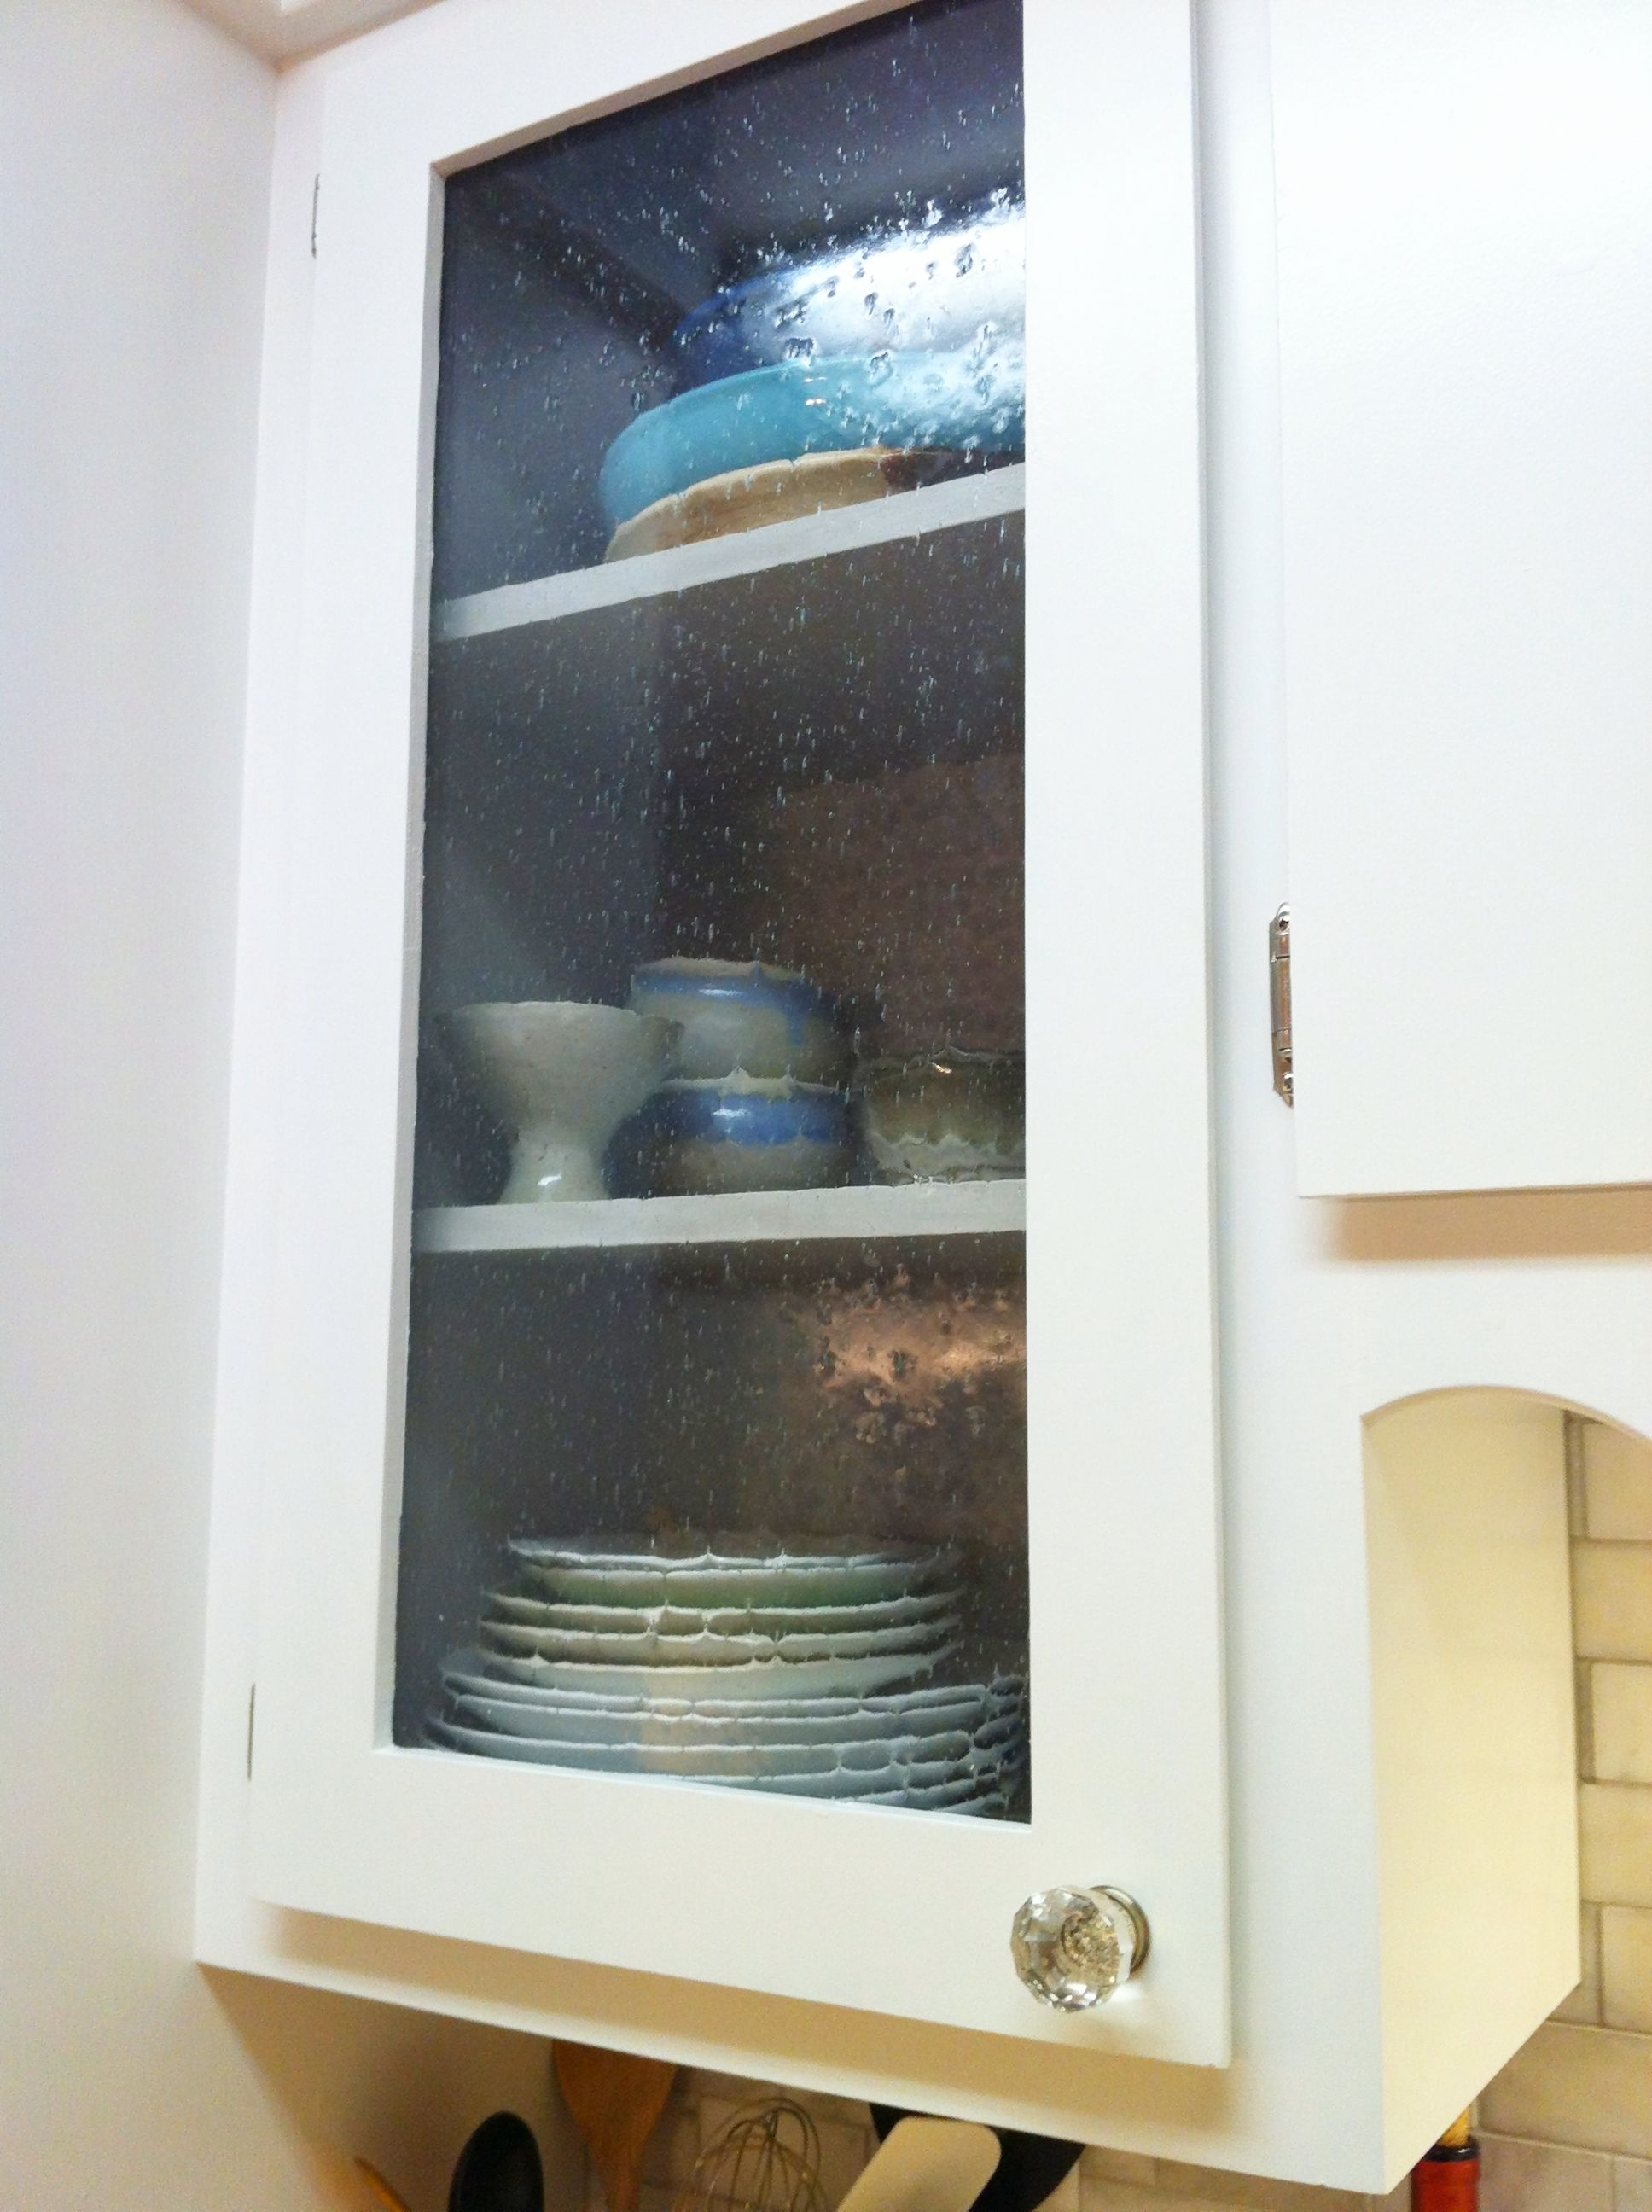 New Kitchen Cabinet Doors With Seeded Glass New Kitchen Cabinet Doors Seeded Glass Cabinets Cabinet Door Designs